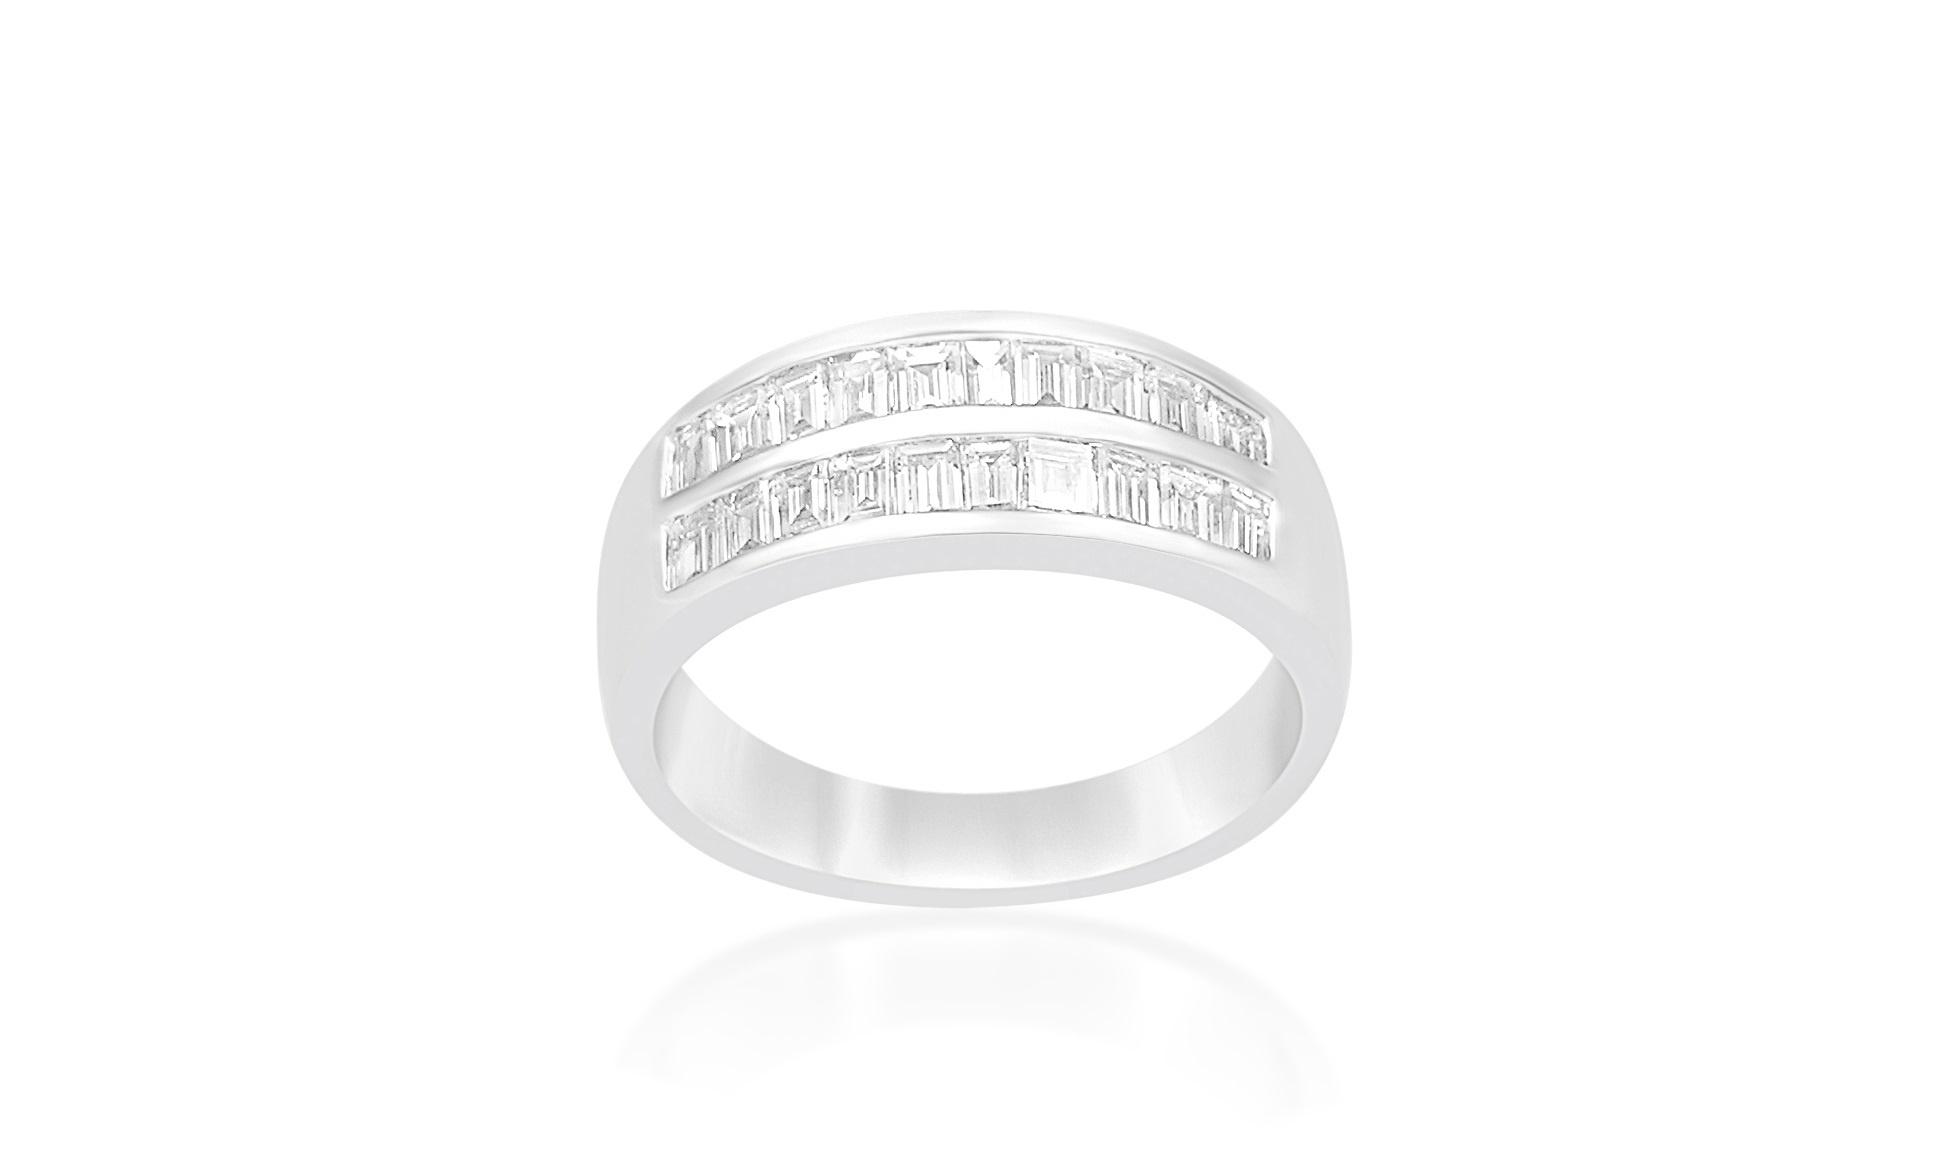 18 karaat wit goud ring met 0.52 CT diamanten